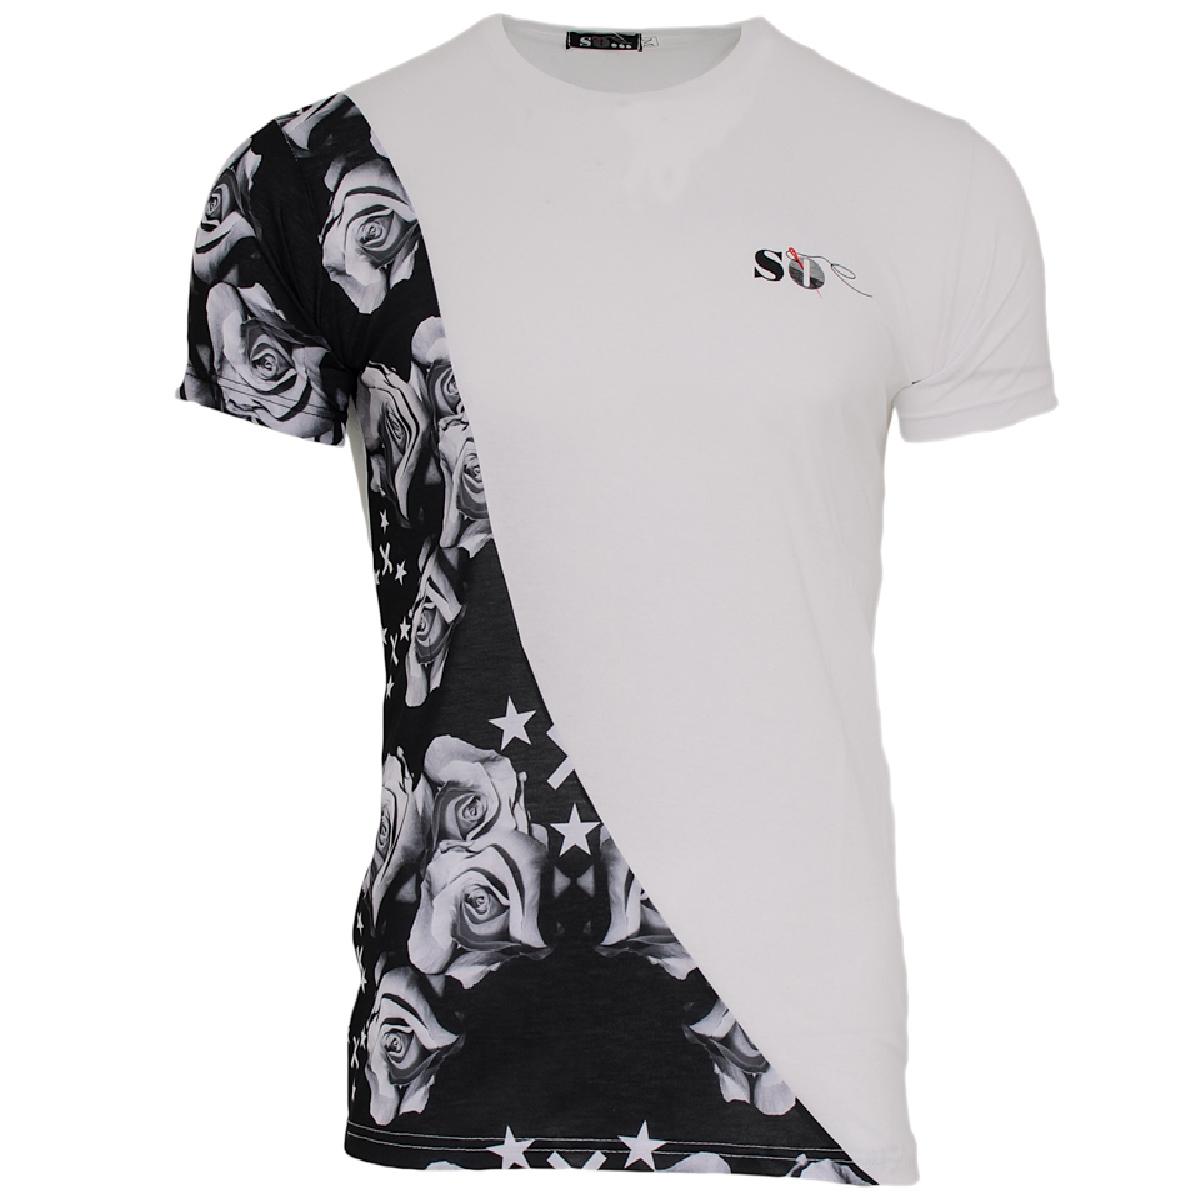 Ανδρικό Τ-shirt Star Rose-Άσπρο αρχική ανδρικά ρούχα επιλογή ανά προϊόν t shirts